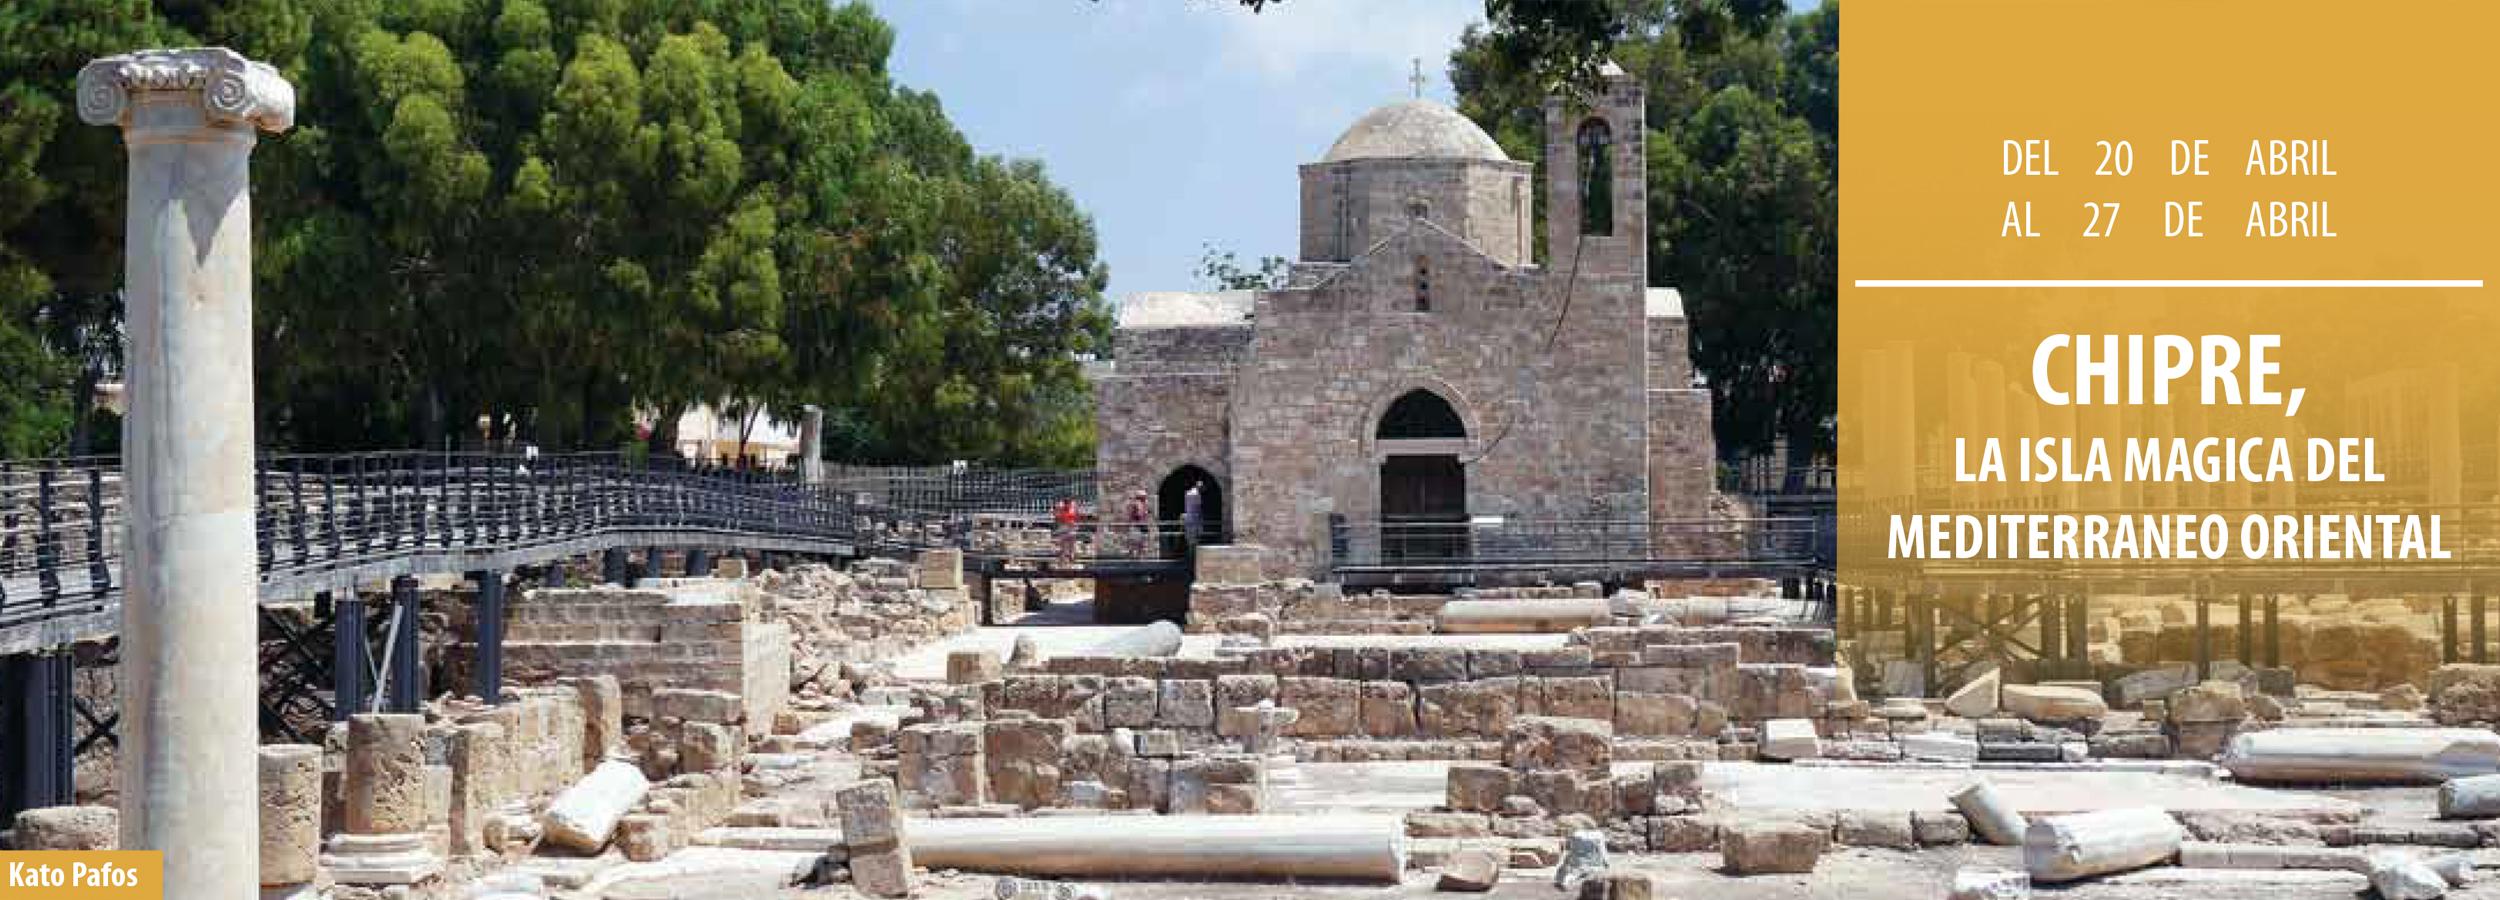 Viaje Chipre